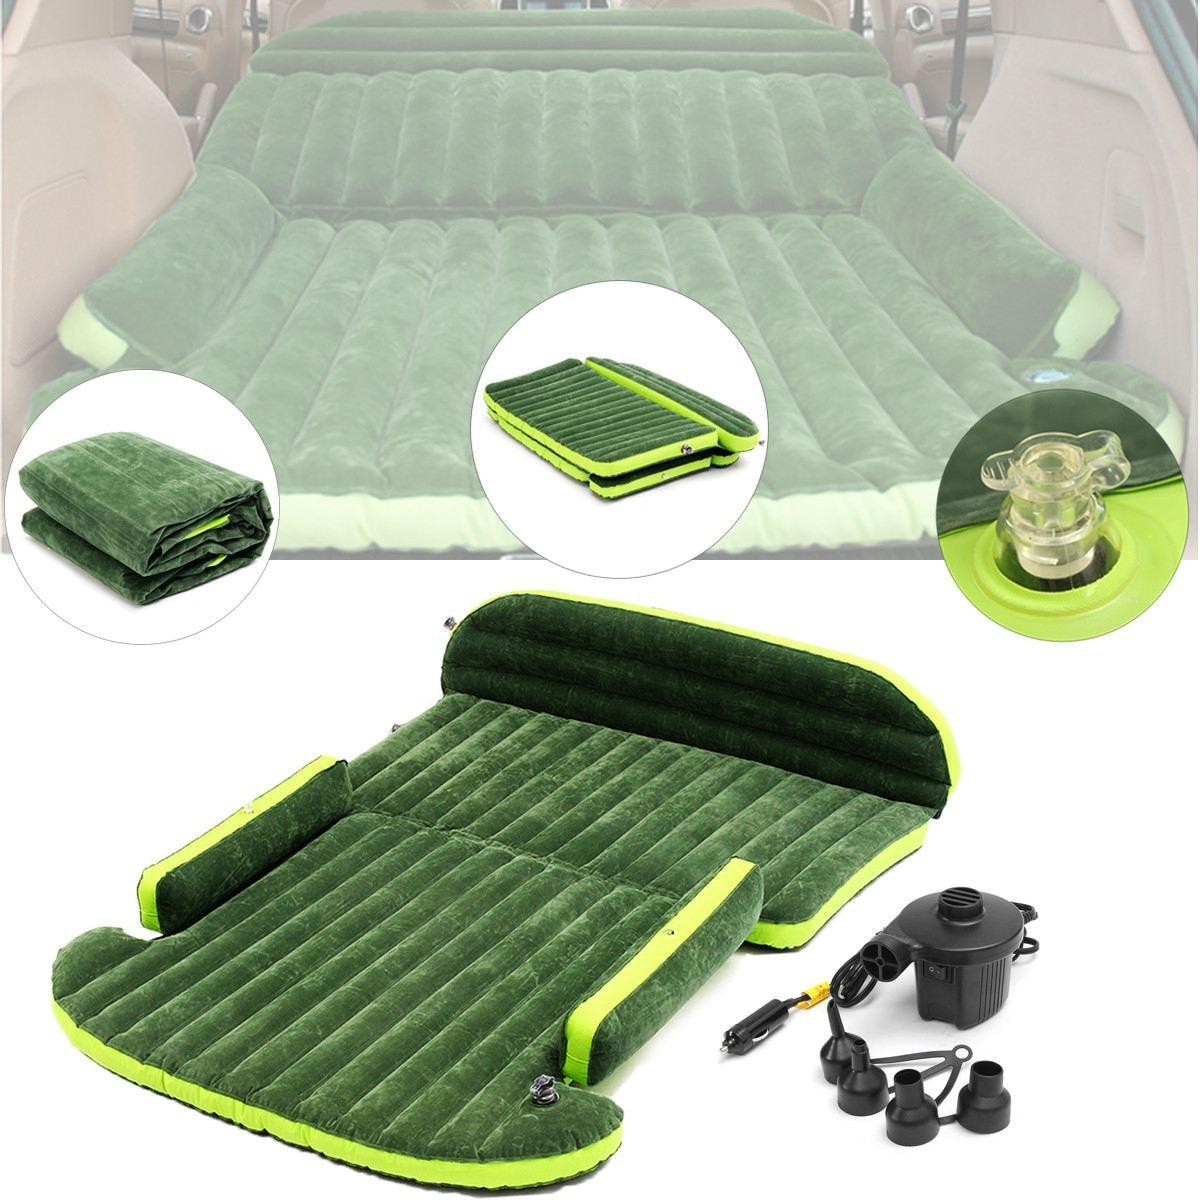 Suv Inflatable Air Mattress With Air Pump Tapete Intex Car